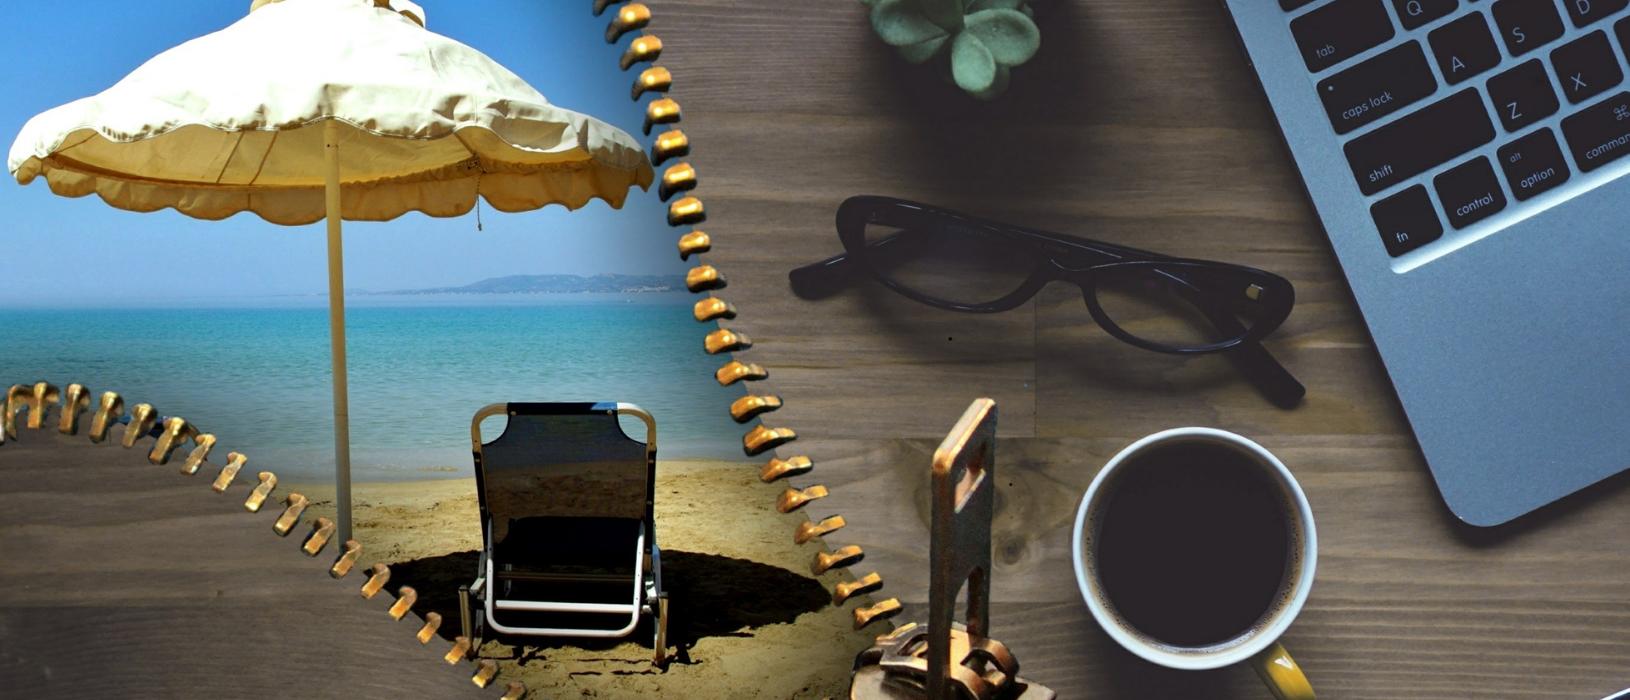 Flexible Arbeitszeiten, World Office und unbegrenzter Urlaub werden immer beliebter. Foto: Pixabay